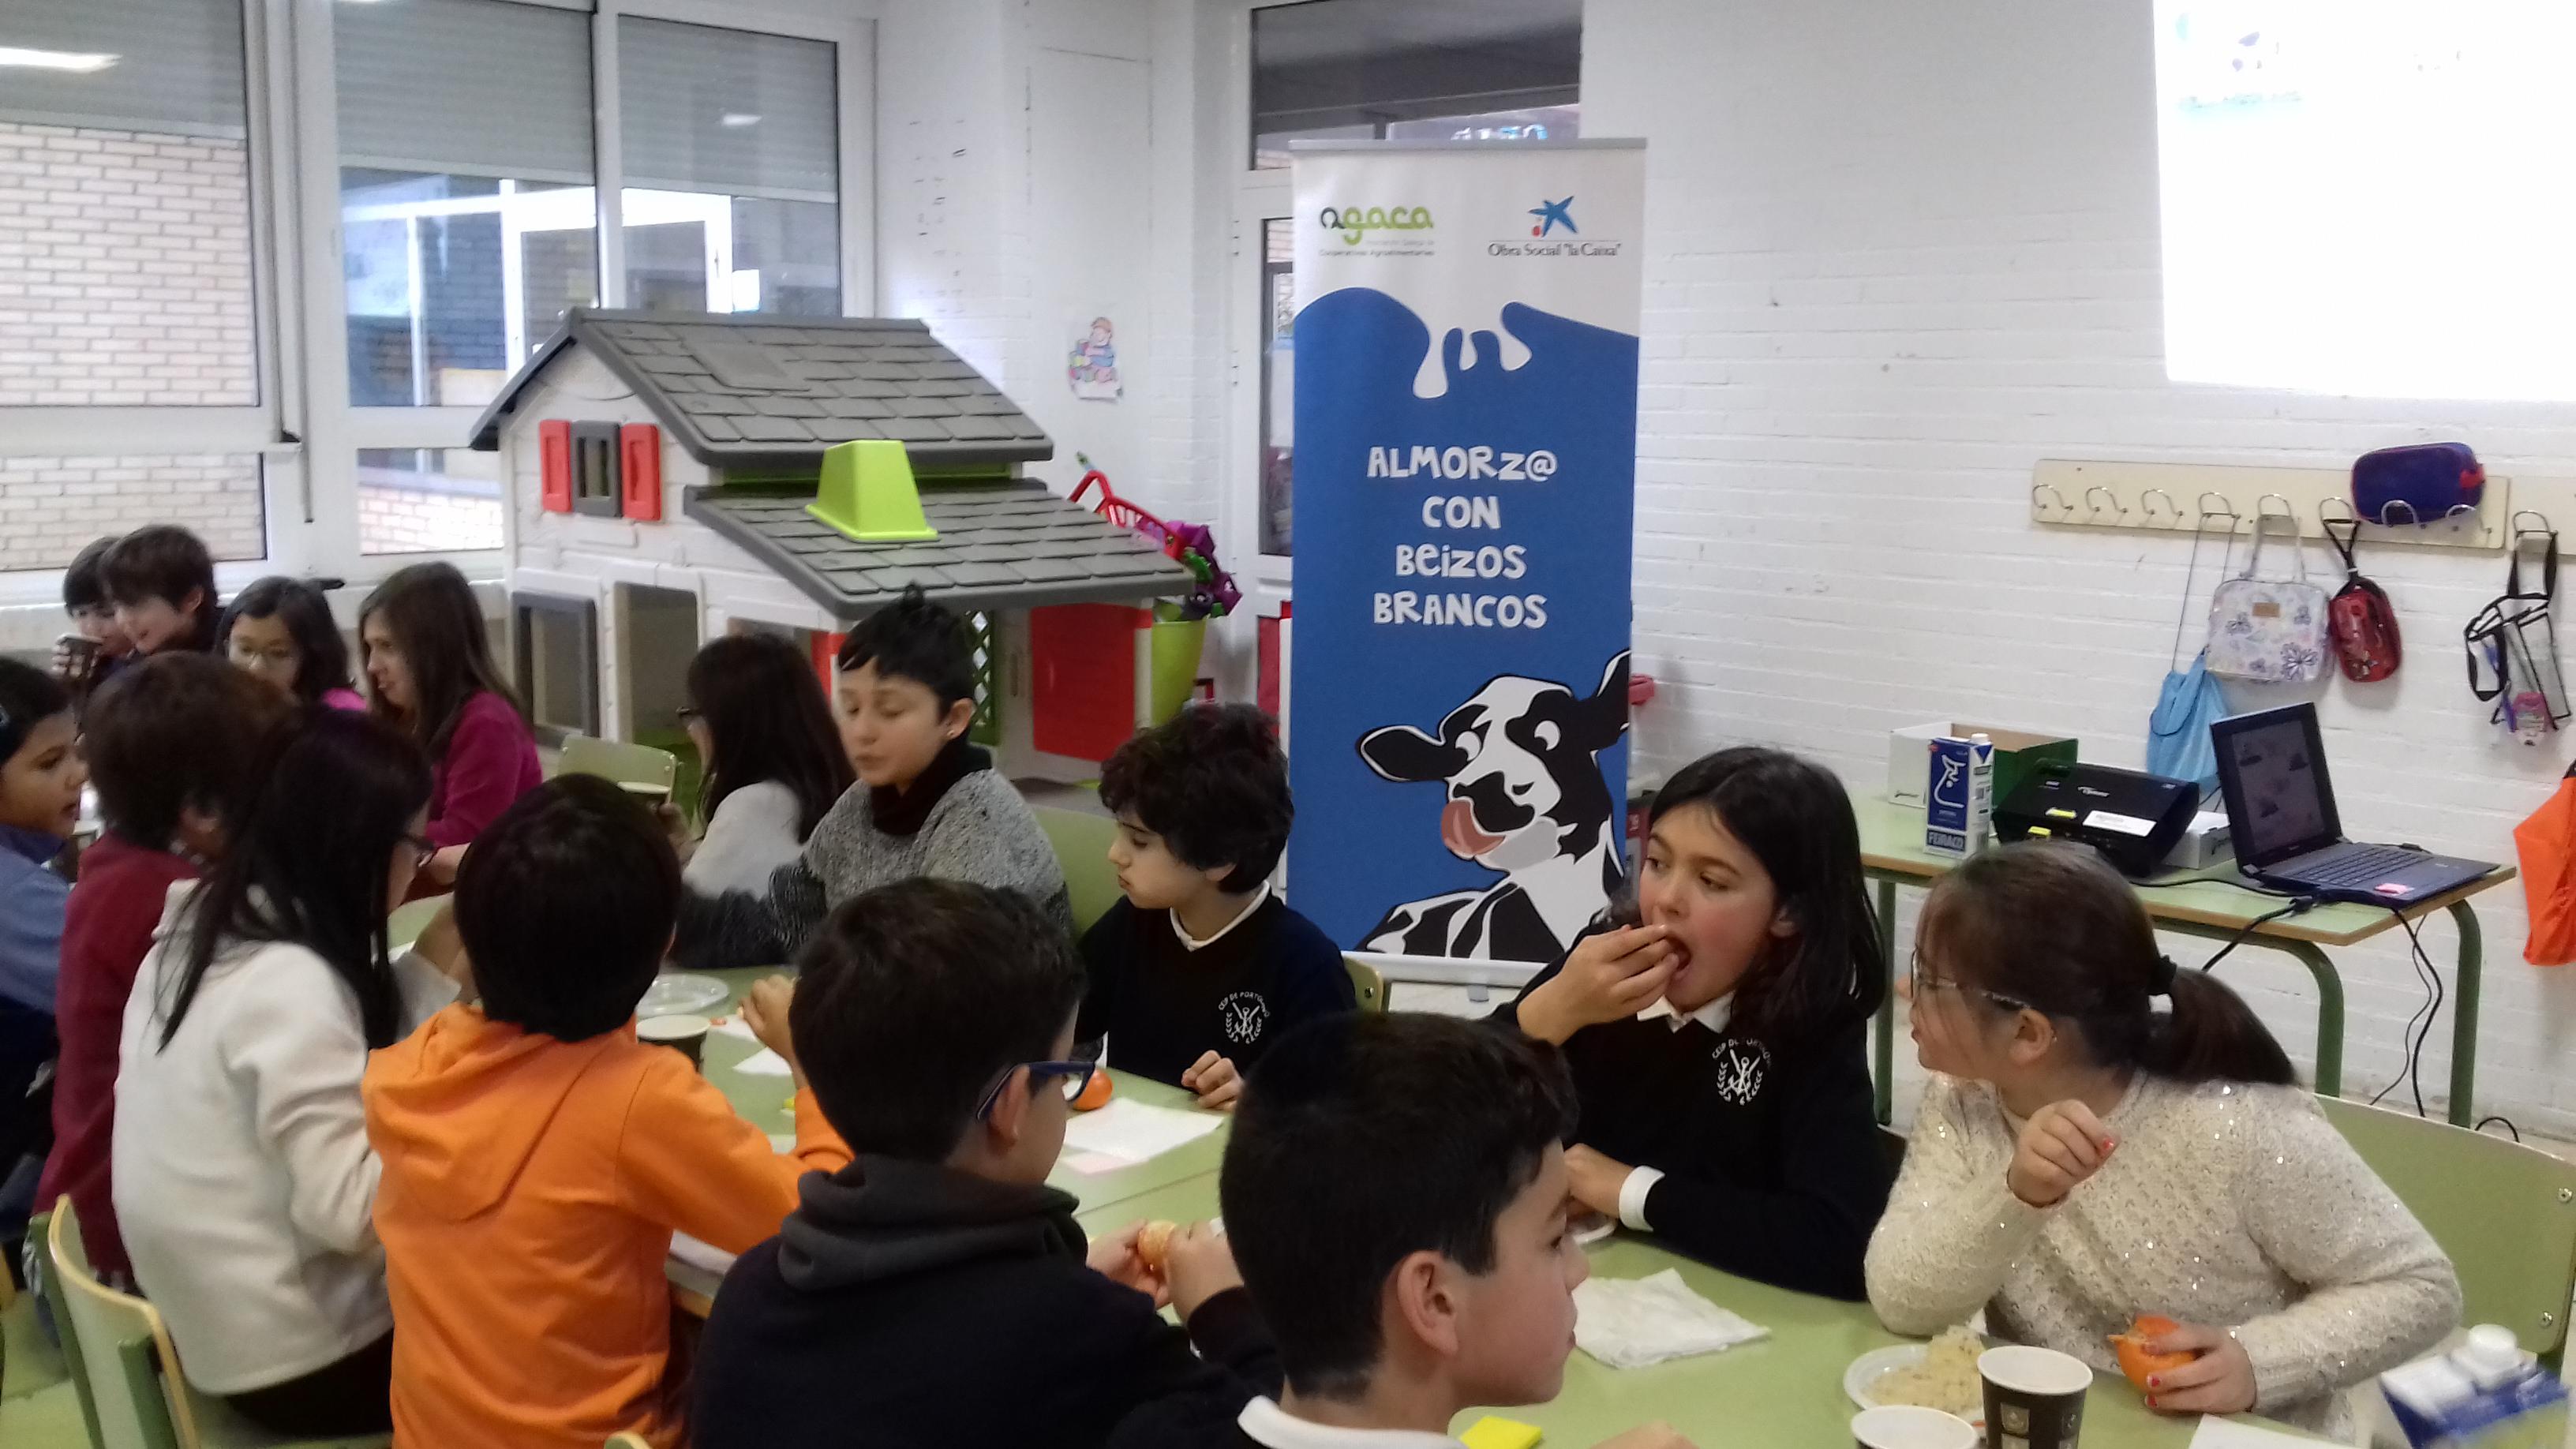 """Cincuenta estudiantes de Portonovo aprenden sobre nutrición con Obra Social """"la Caixa"""" y AGACA"""